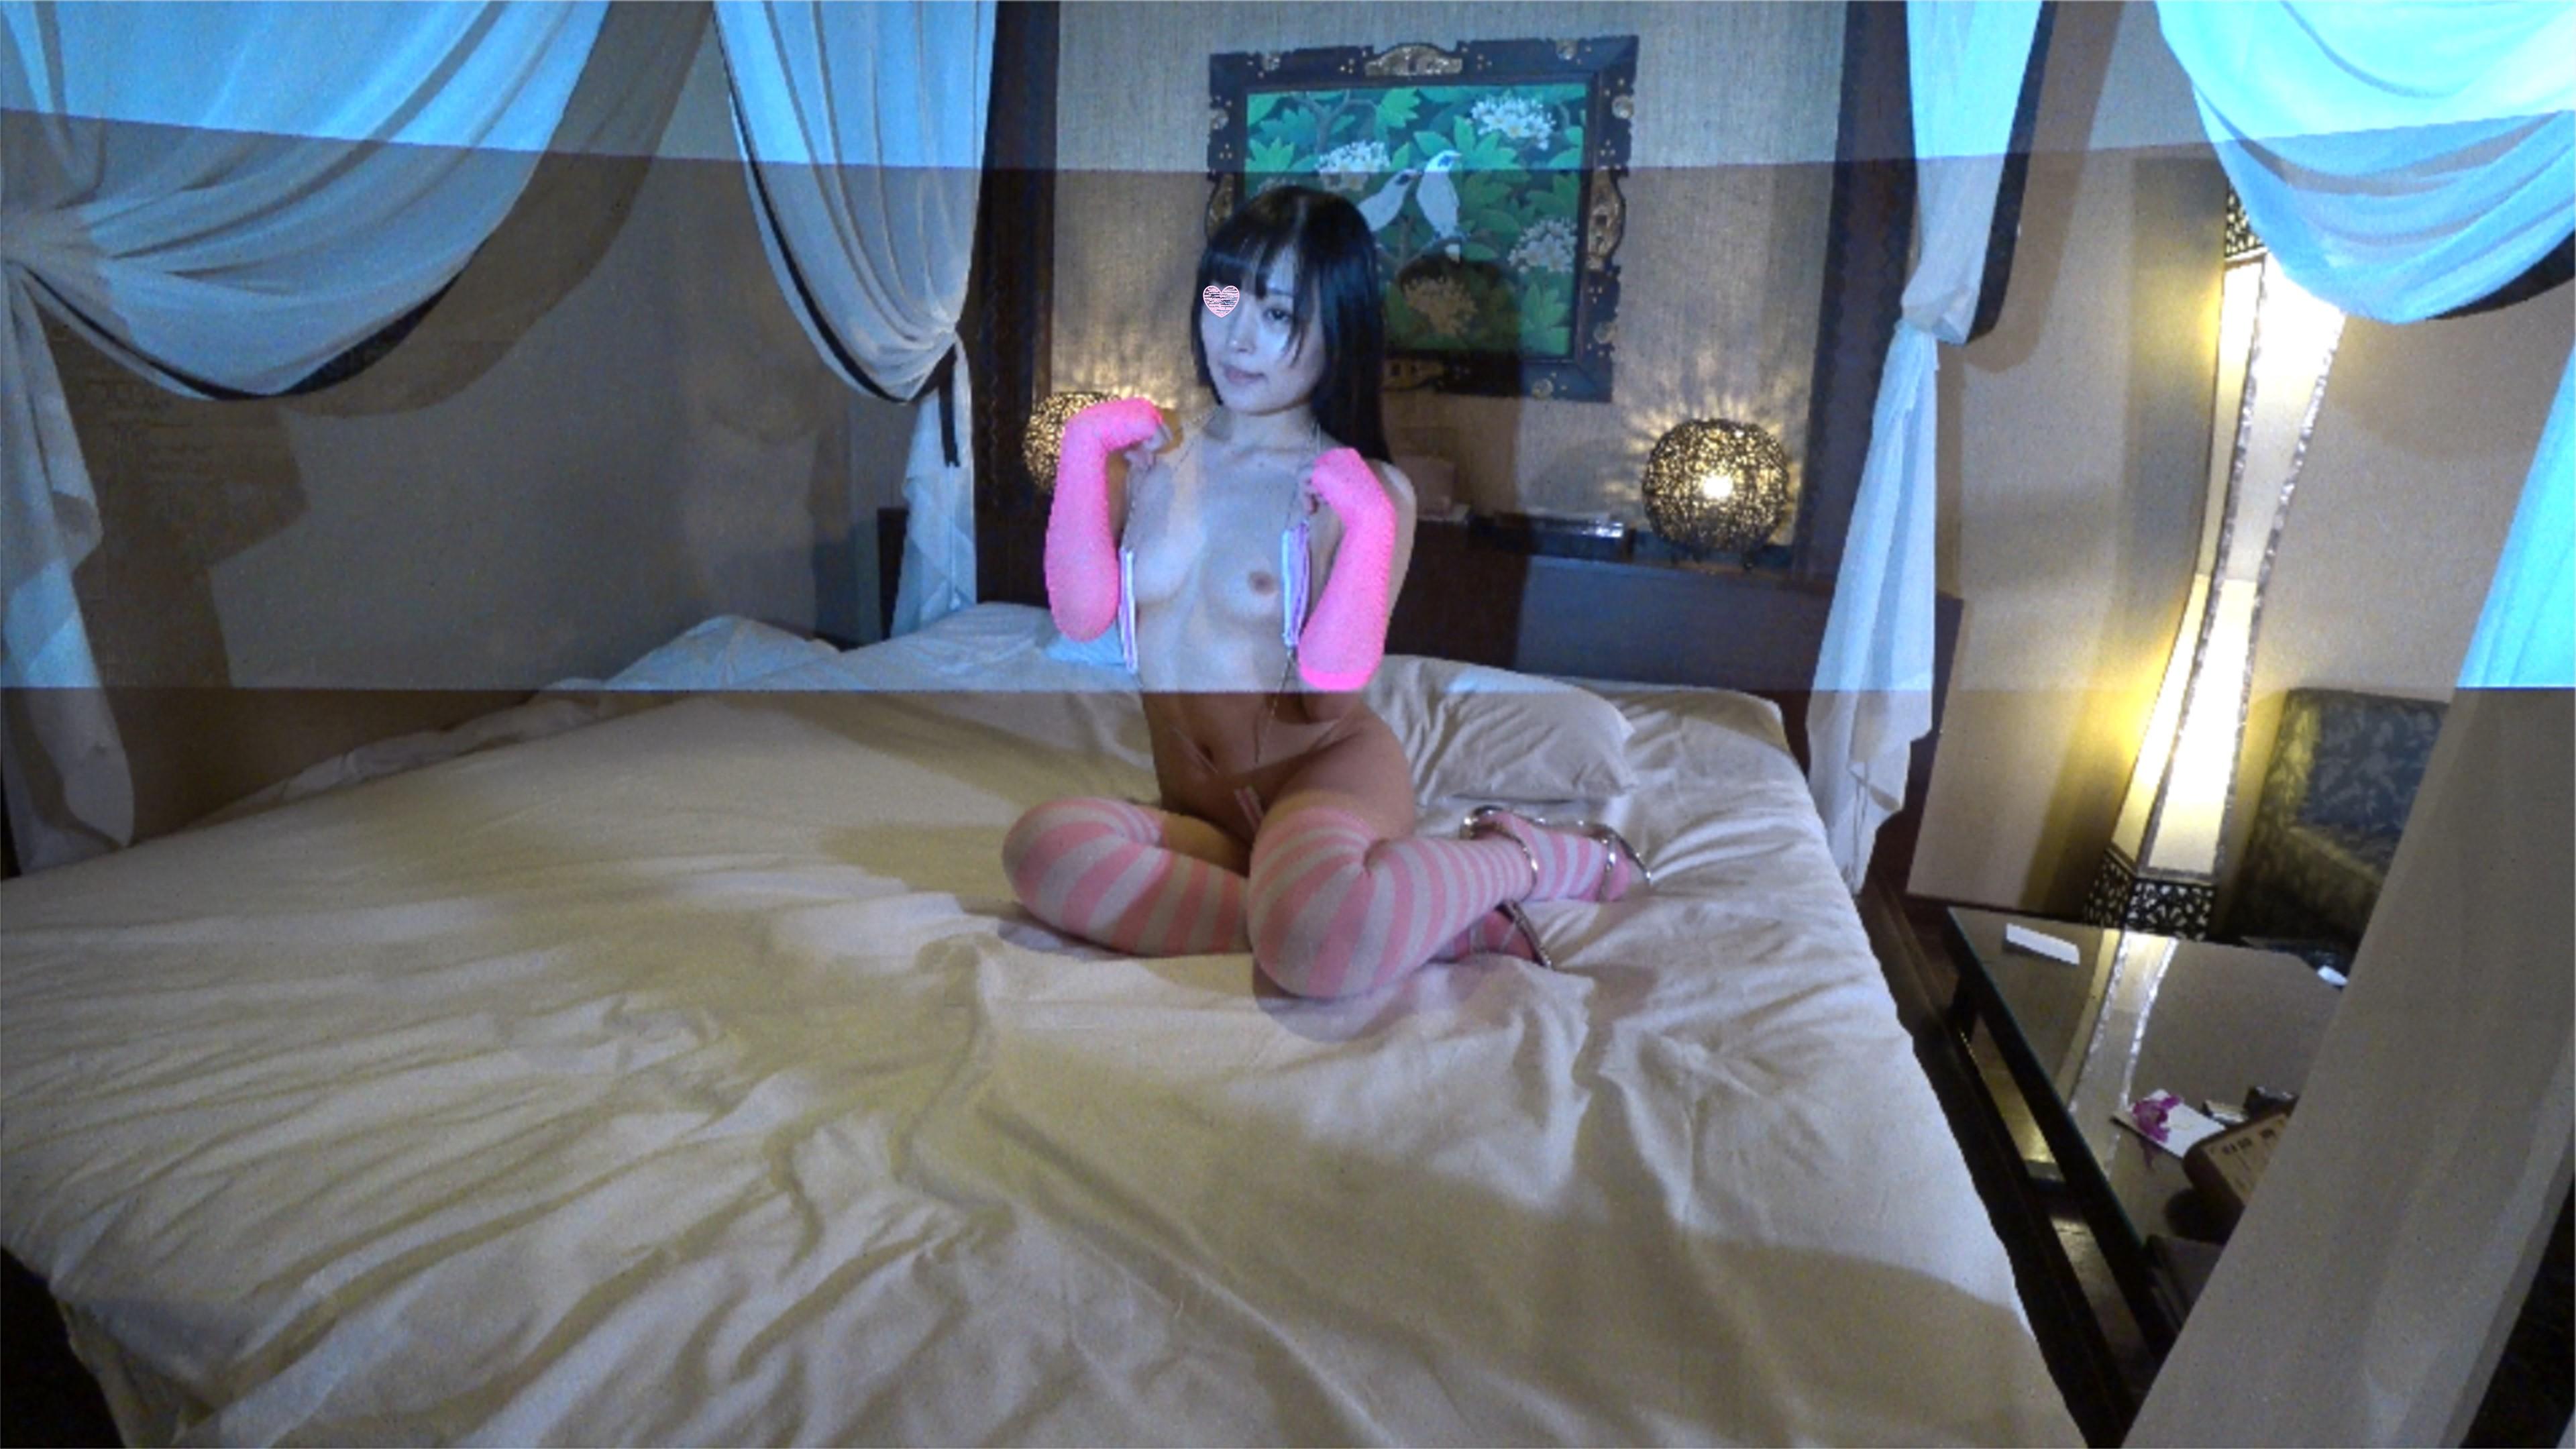 FC2 PPV 1416331 【個人撮影】♀166リフレ嬢ひ◯ちゃん19歳24回目 性欲処理にサクッと中出して肉便器美少女を孕ませる!(笑)